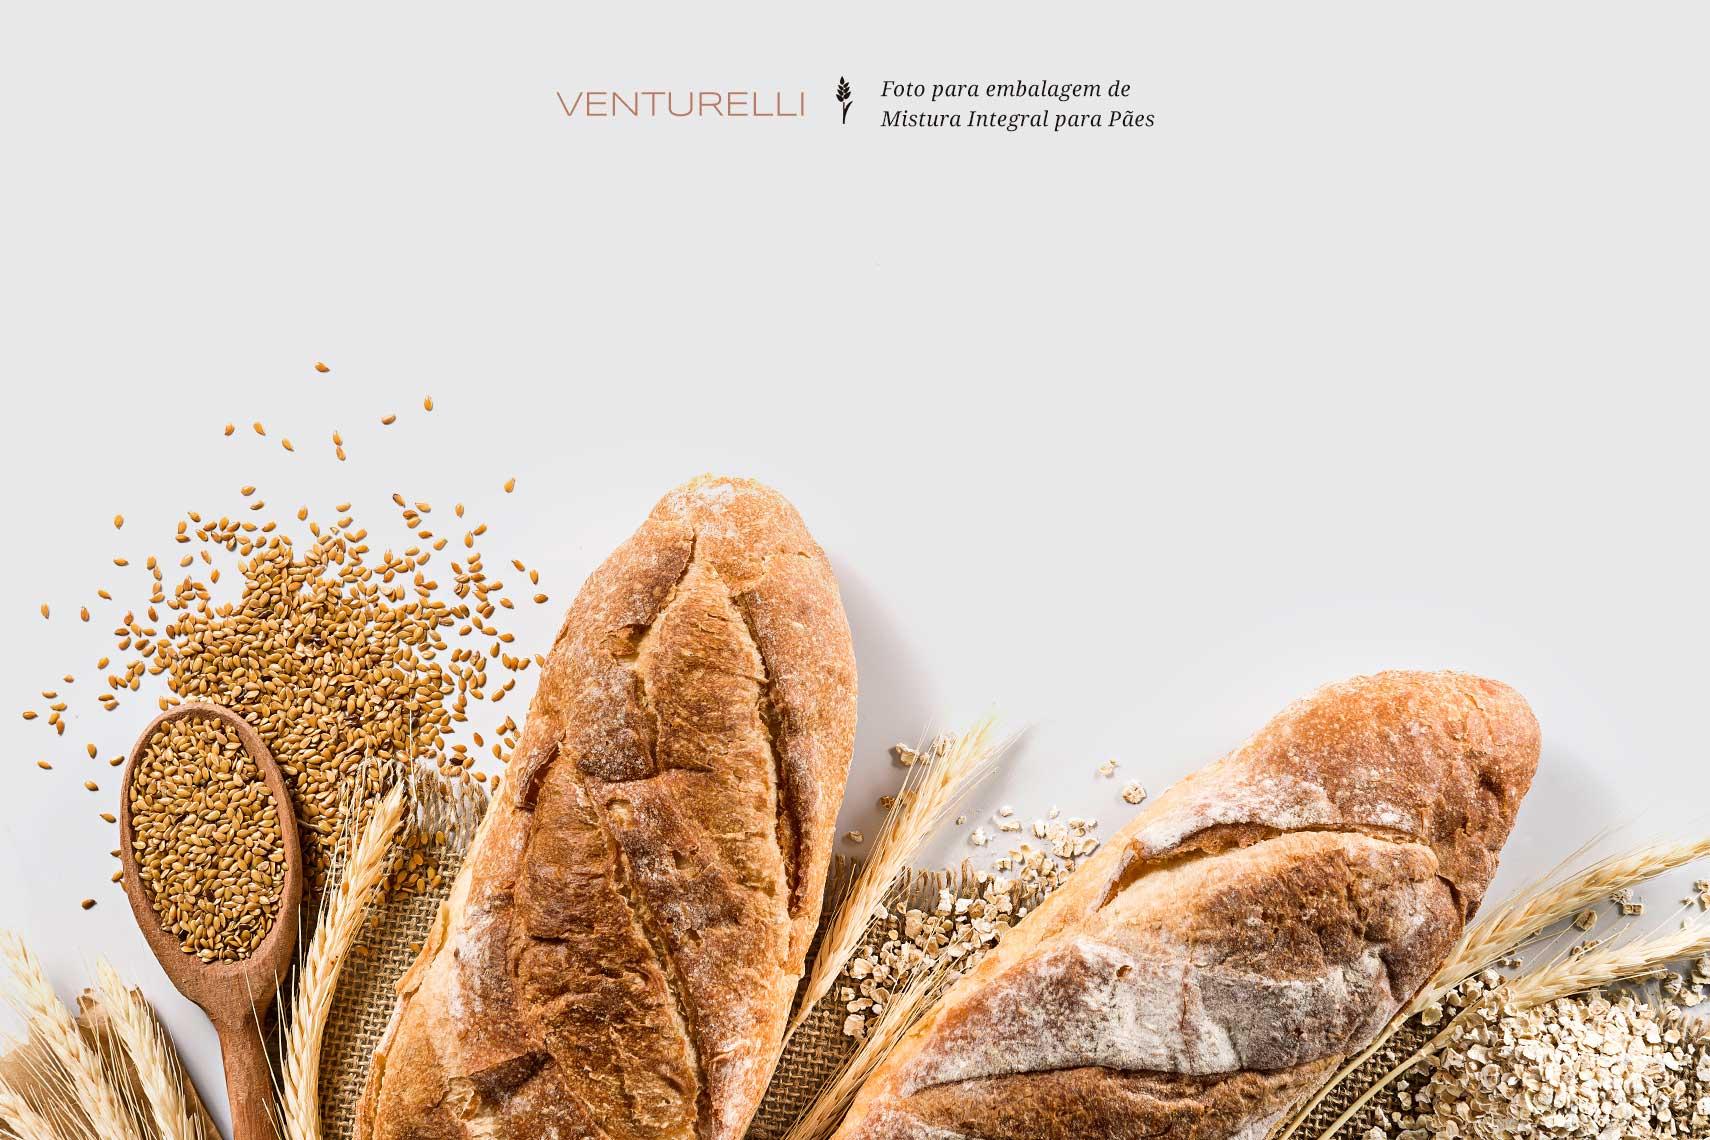 Fotografia de massa pronta para pães